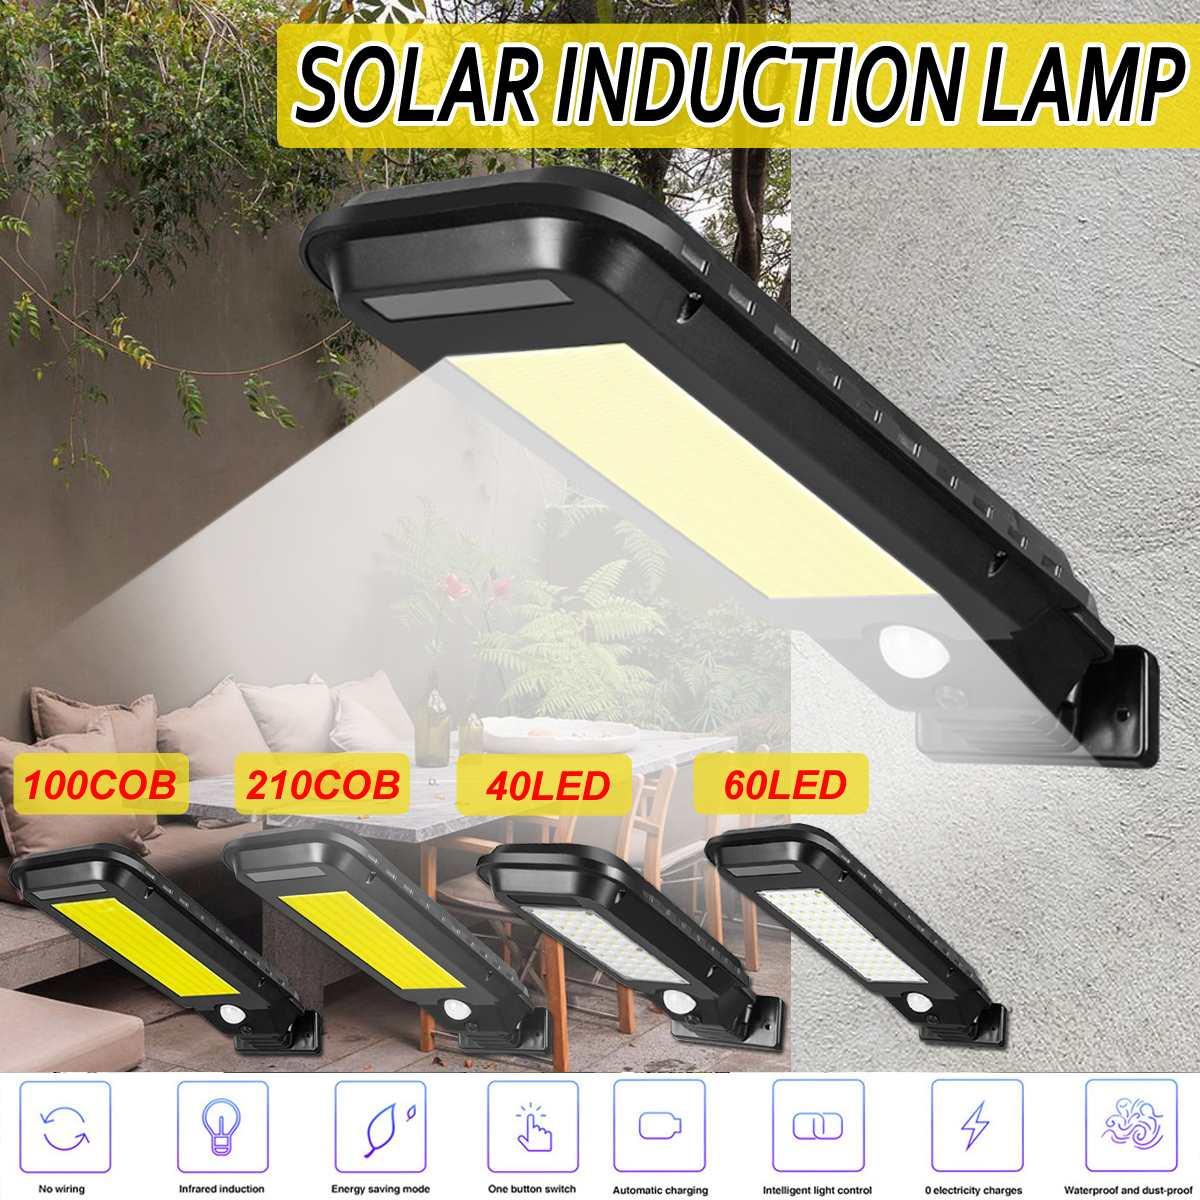 40/60 Led إضاءة للشارع بالطاقة الشمسية 100/210 COB إضاءة خارجية إضاءة أمان محس حركة مقاوم للماء IP65 أبيض/أصفر الجدار مصباح